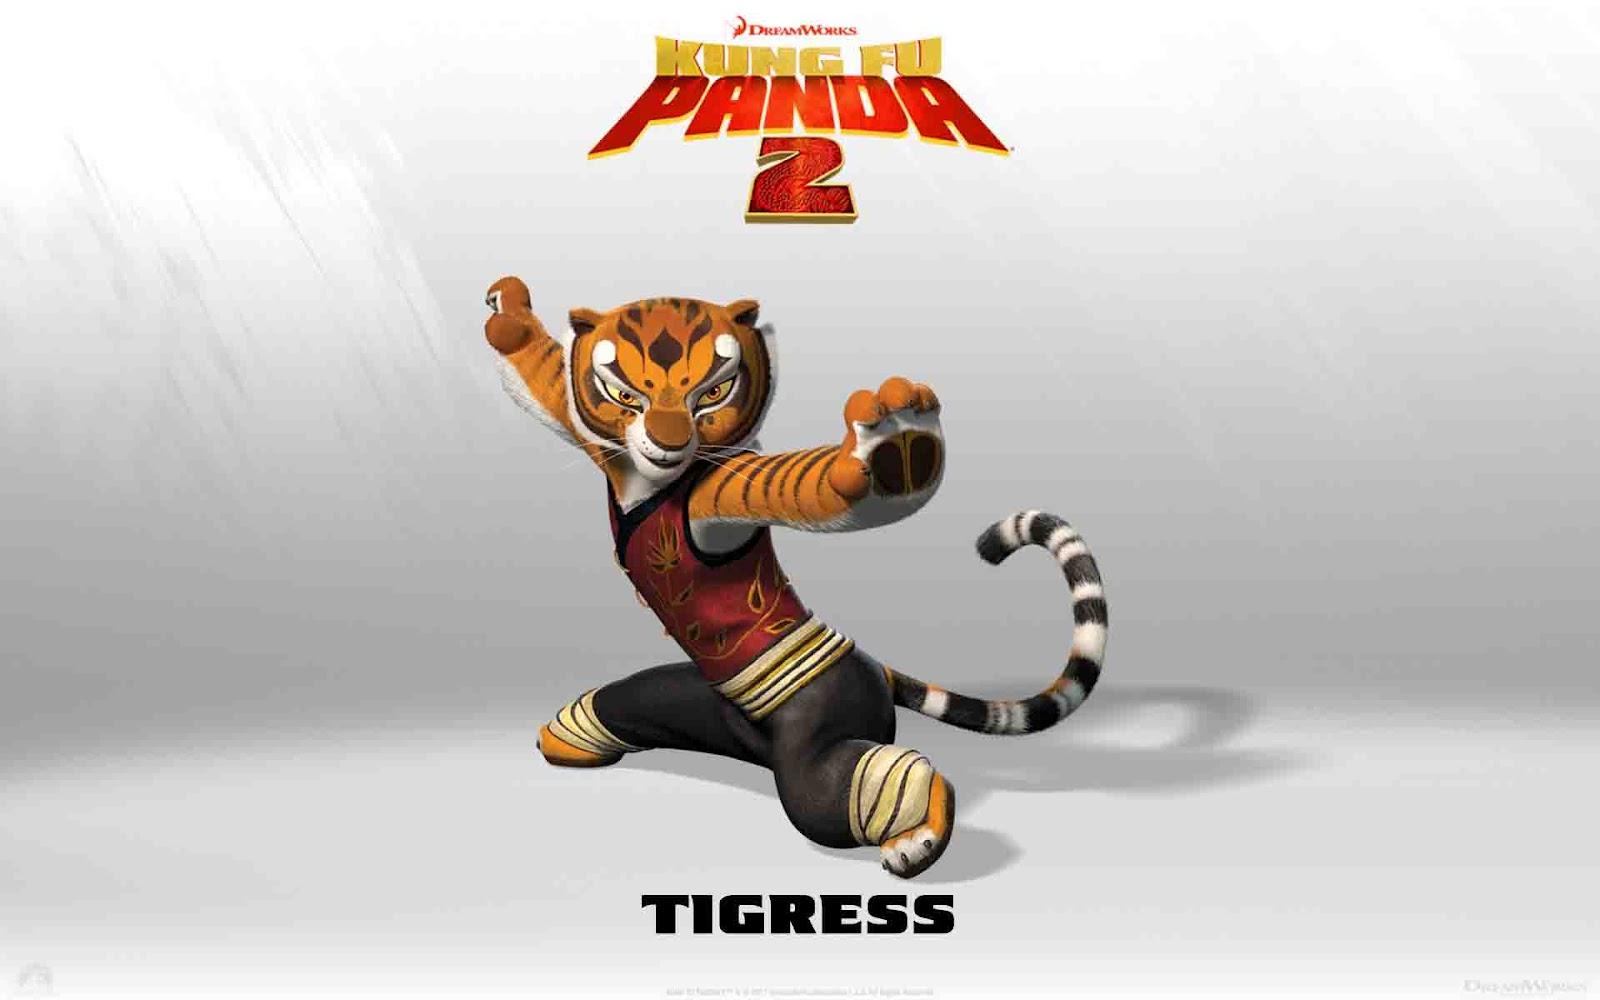 http://4.bp.blogspot.com/-rORcBYT5X0Q/T02p0DDIOtI/AAAAAAAAAiU/ZR50Tbpgsdw/s1600/kung-fu-panda-2-tigress.jpg